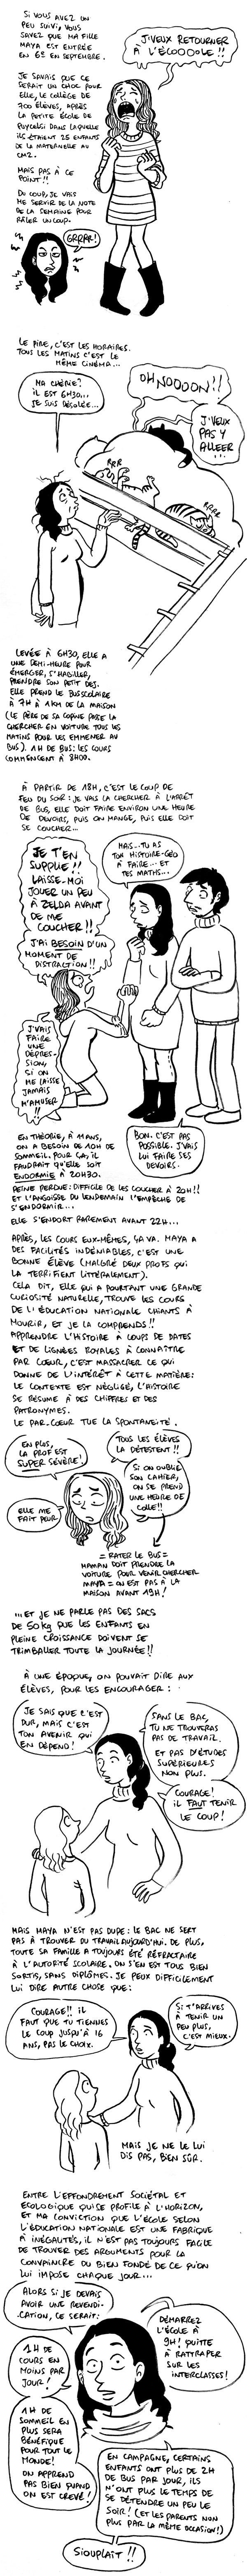 http://melaka.free.fr/blog/college.jpg